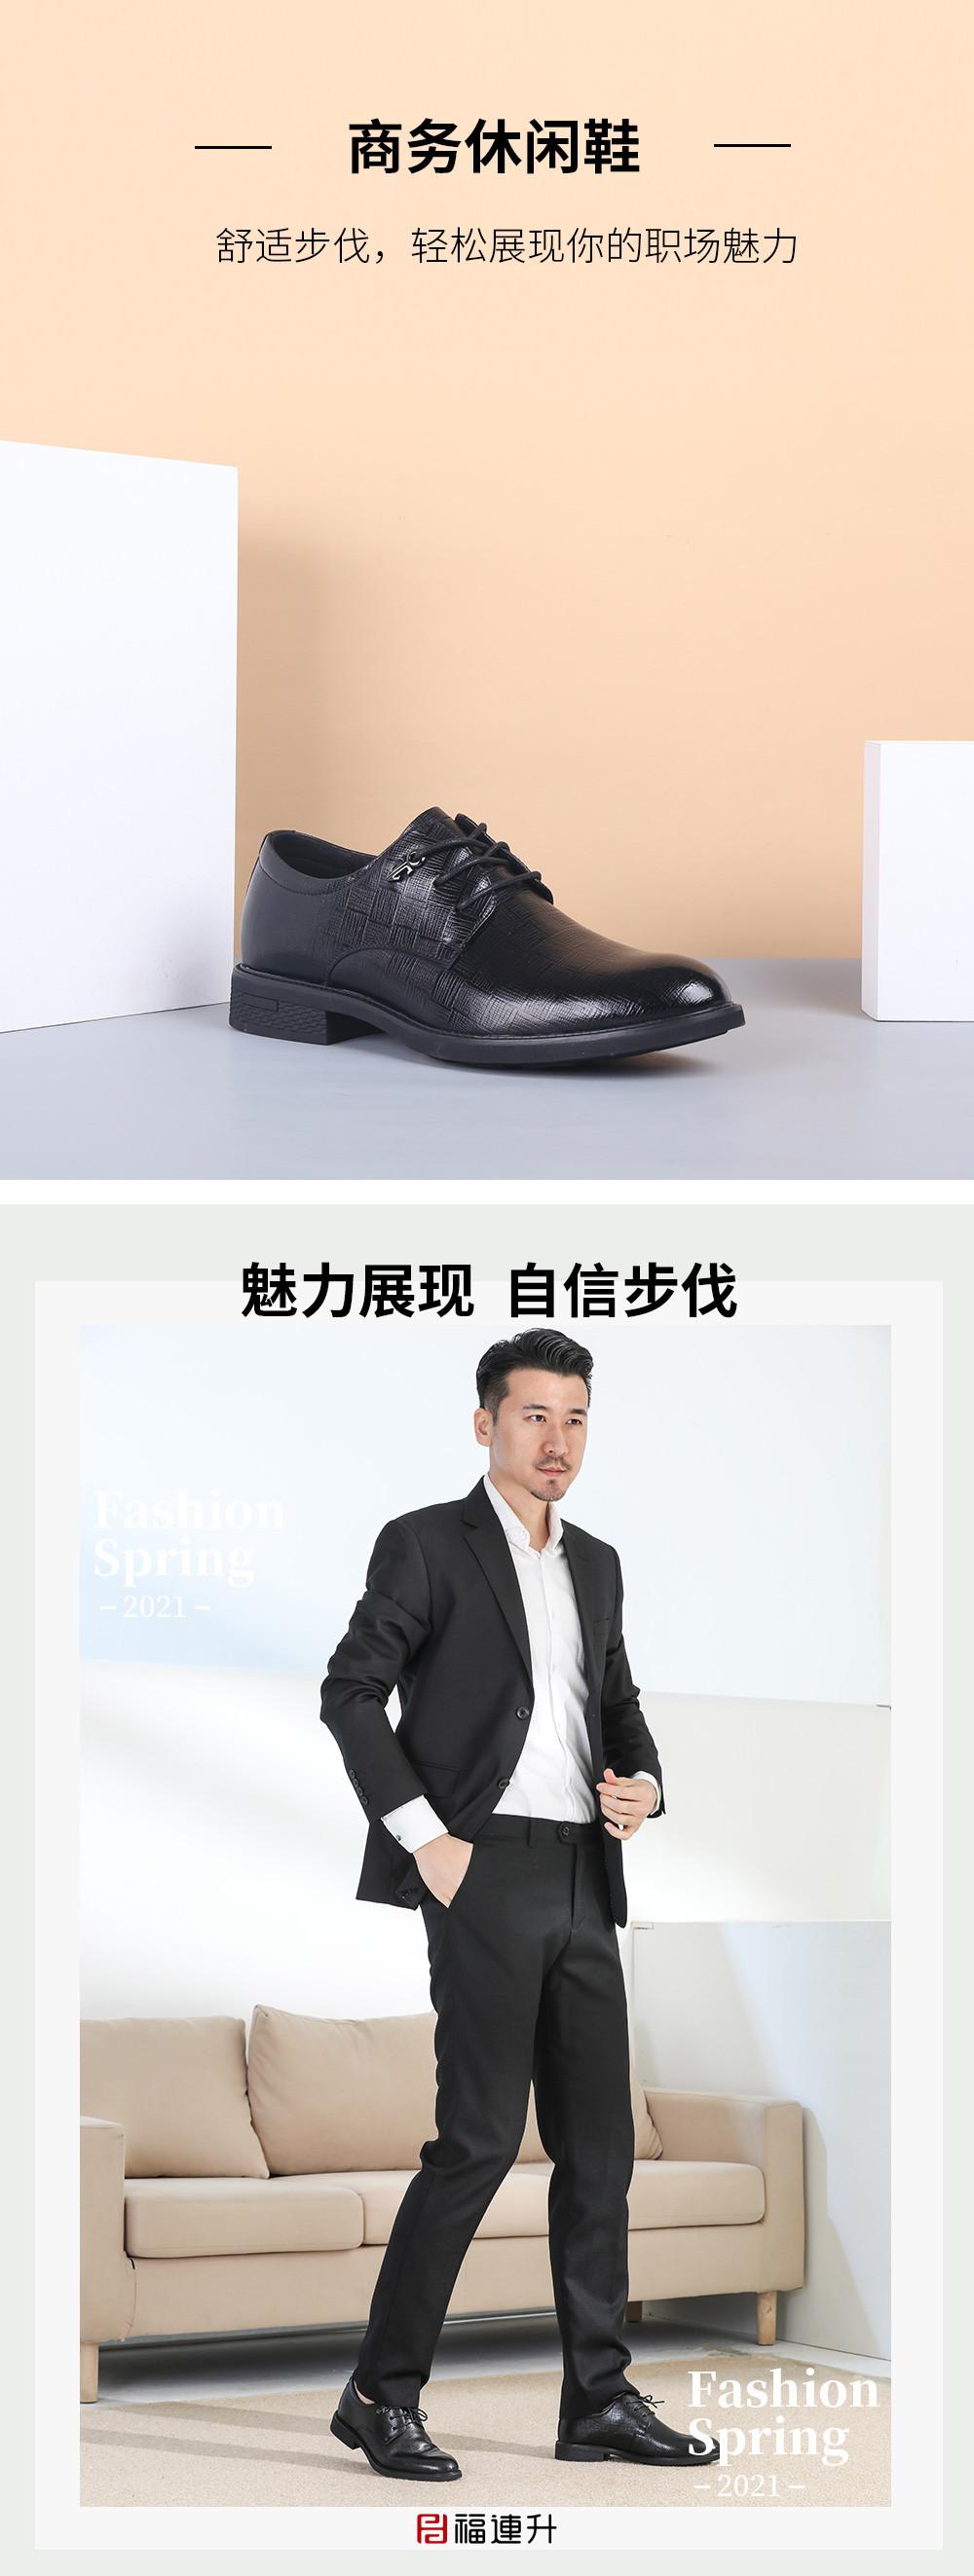 福连升牛皮商务正装舒适棉麻内里黑色男士休闲鞋男鞋图片